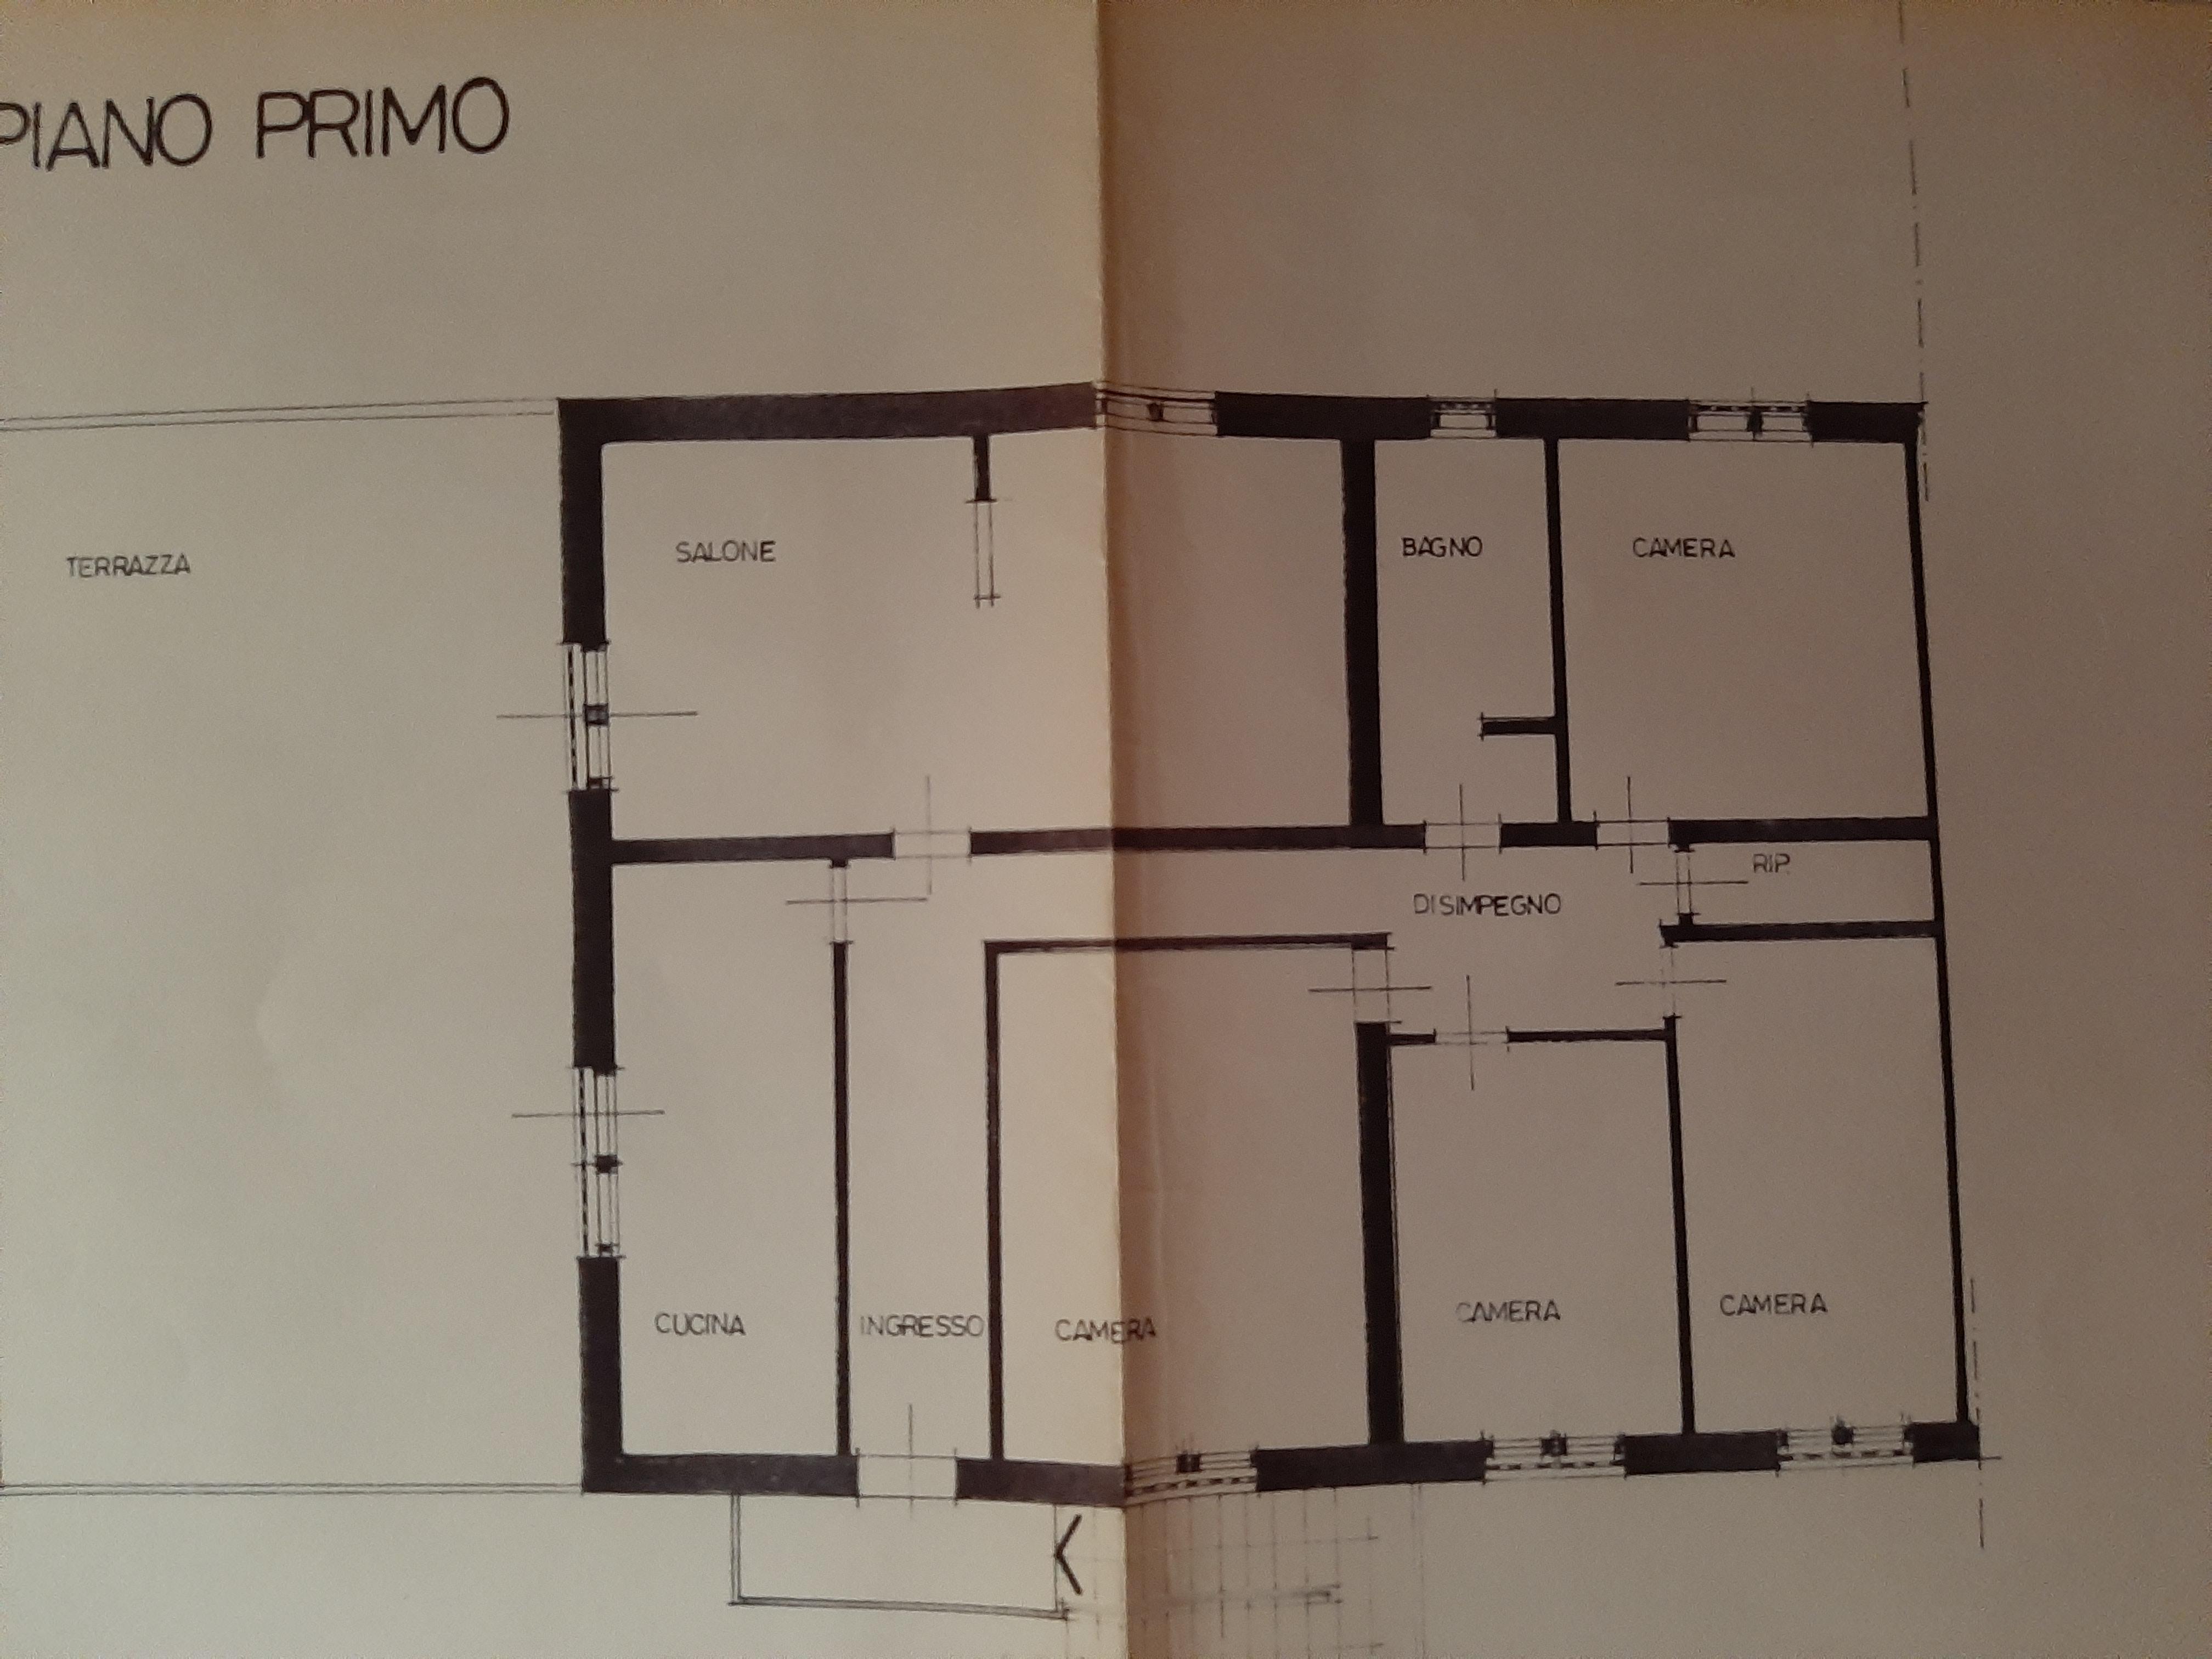 Appartamento in vendita, rif. 718 (Planimetria 1/1)